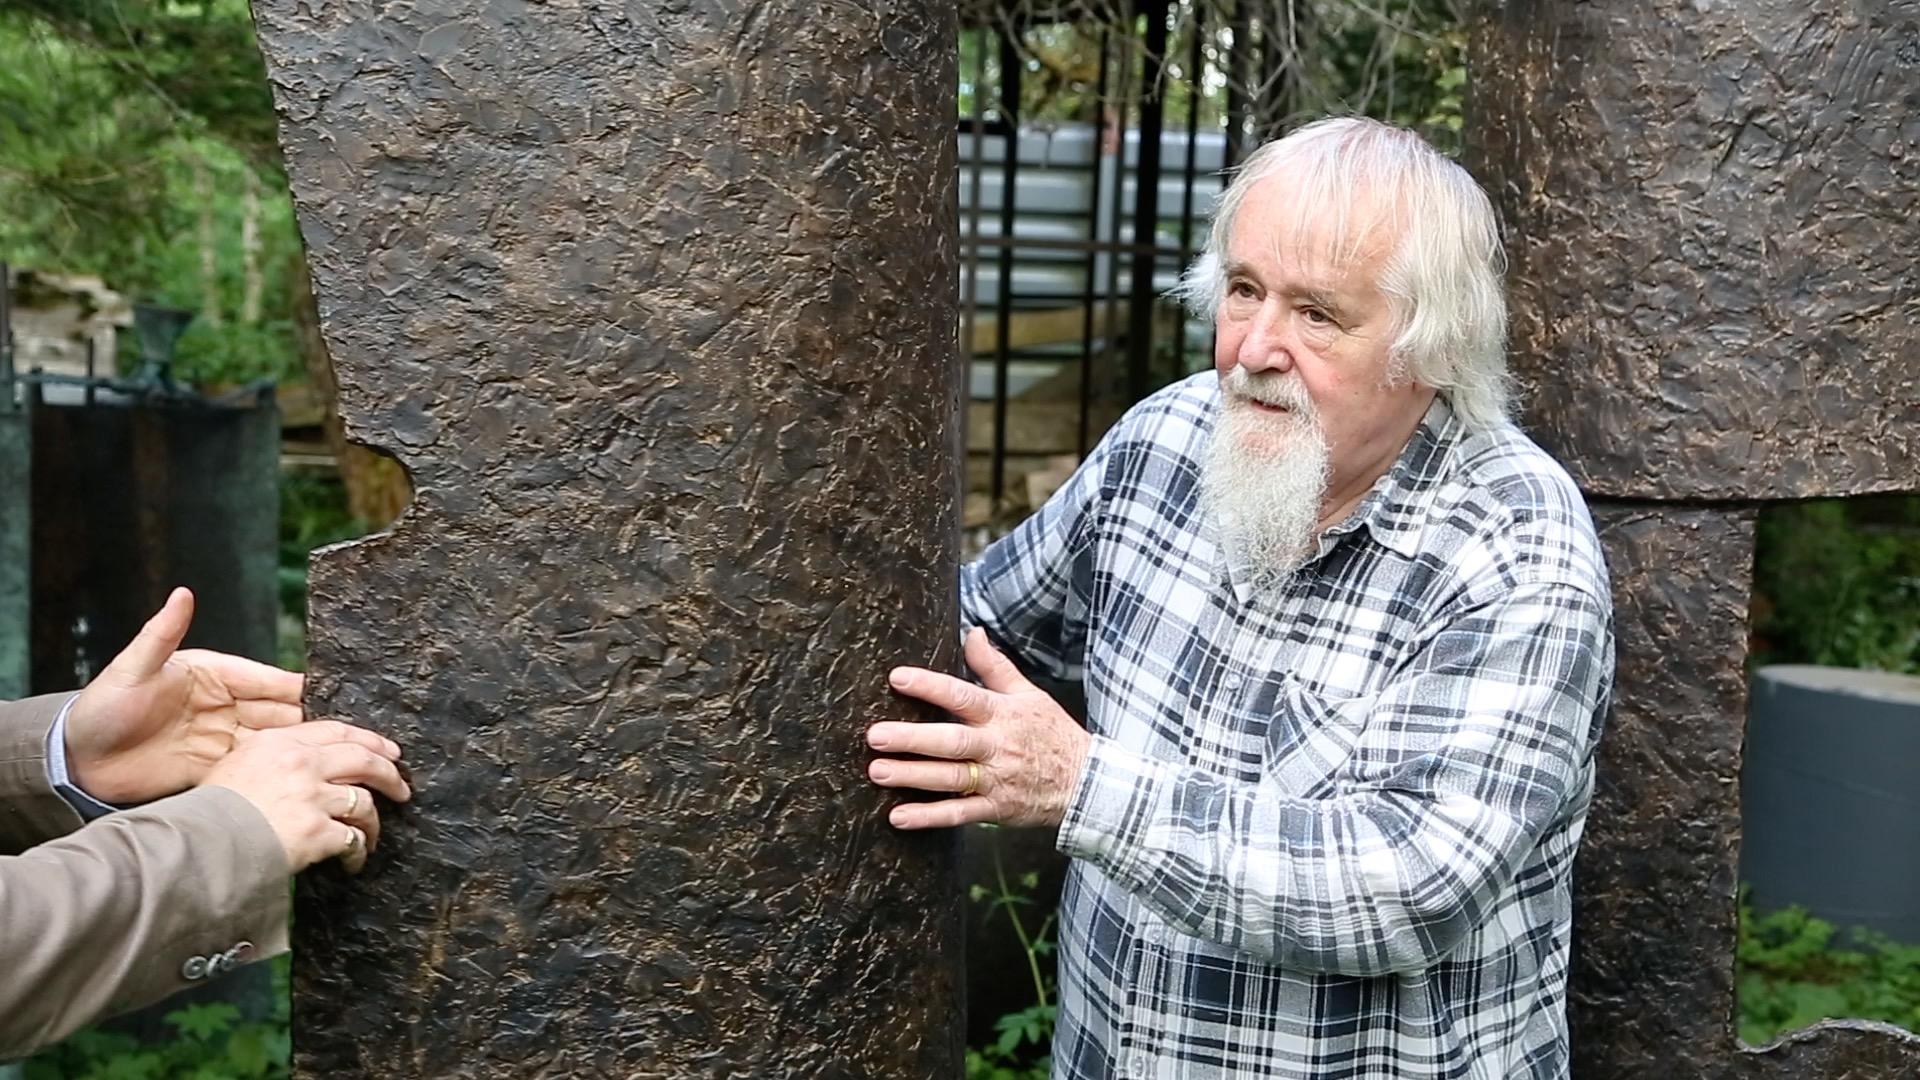 Vom Holz zur Bronze - Richard Agreiter erzählt aus seinem Leben